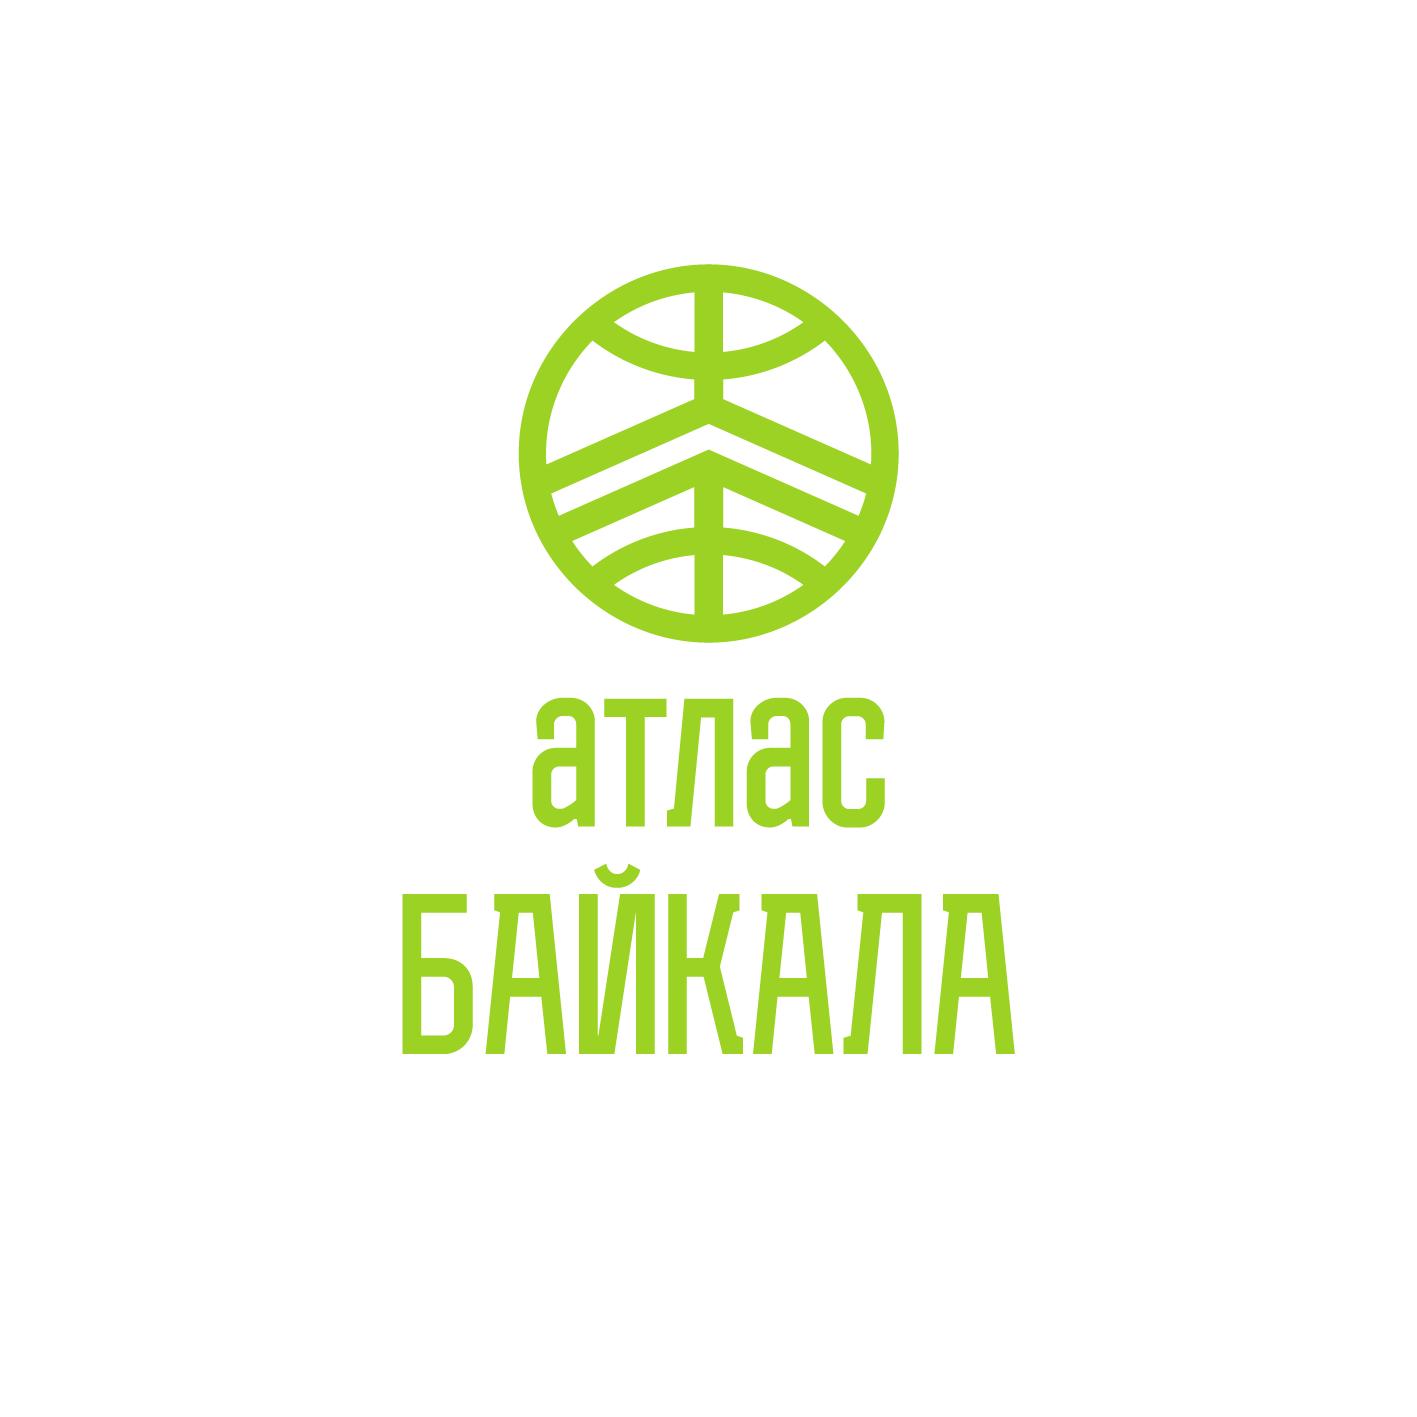 Разработка логотипа Атлас Байкала фото f_6055afdd4708039b.png